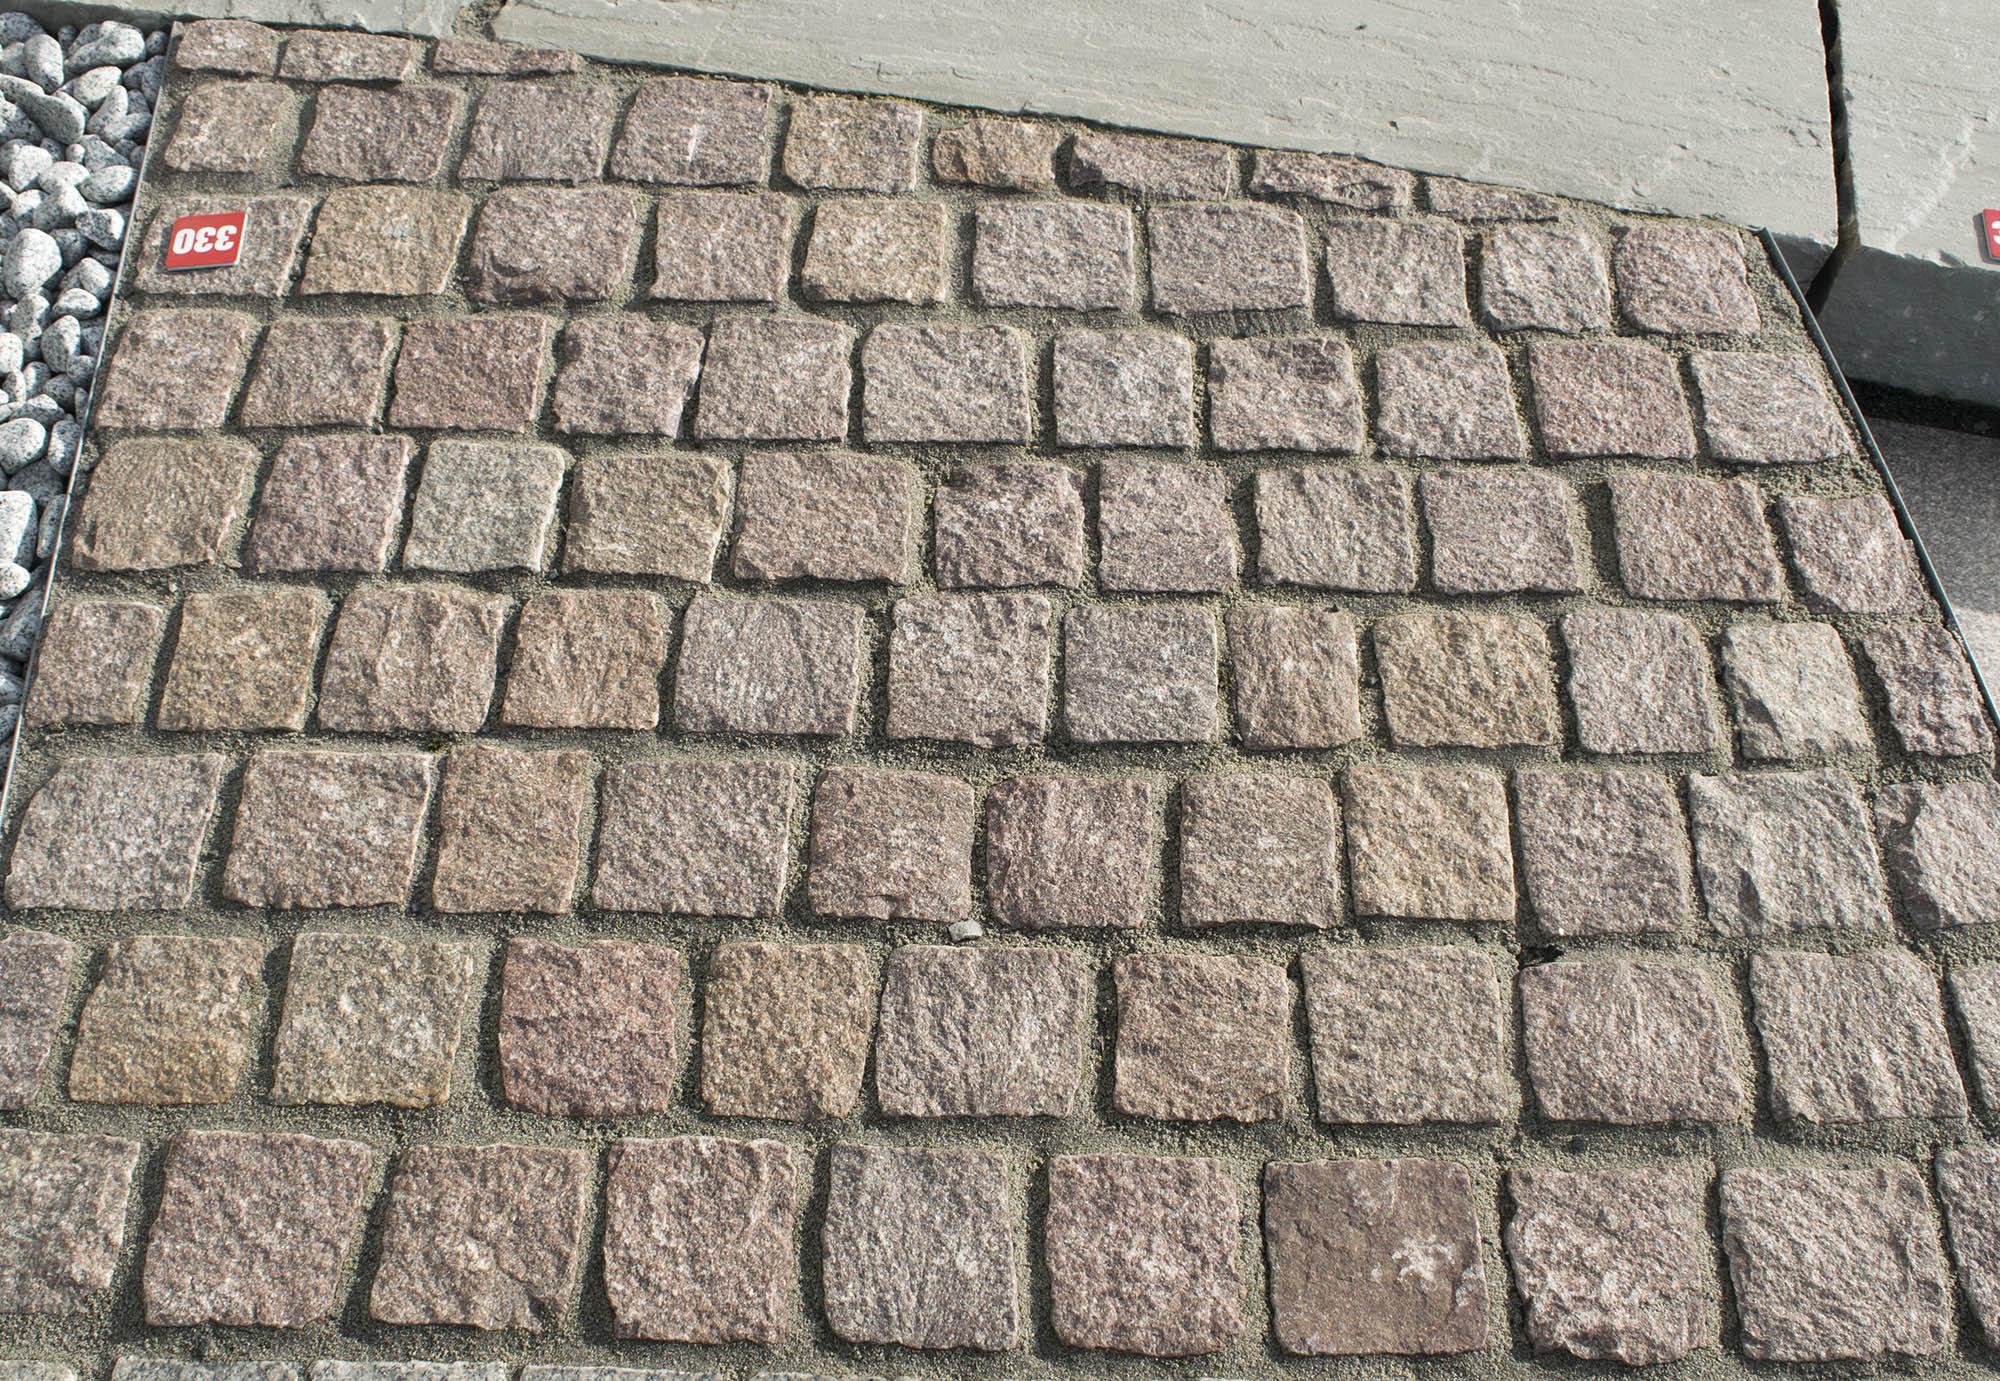 pflasterstein granit manga<br>gespalten (naturstein baumaterial)